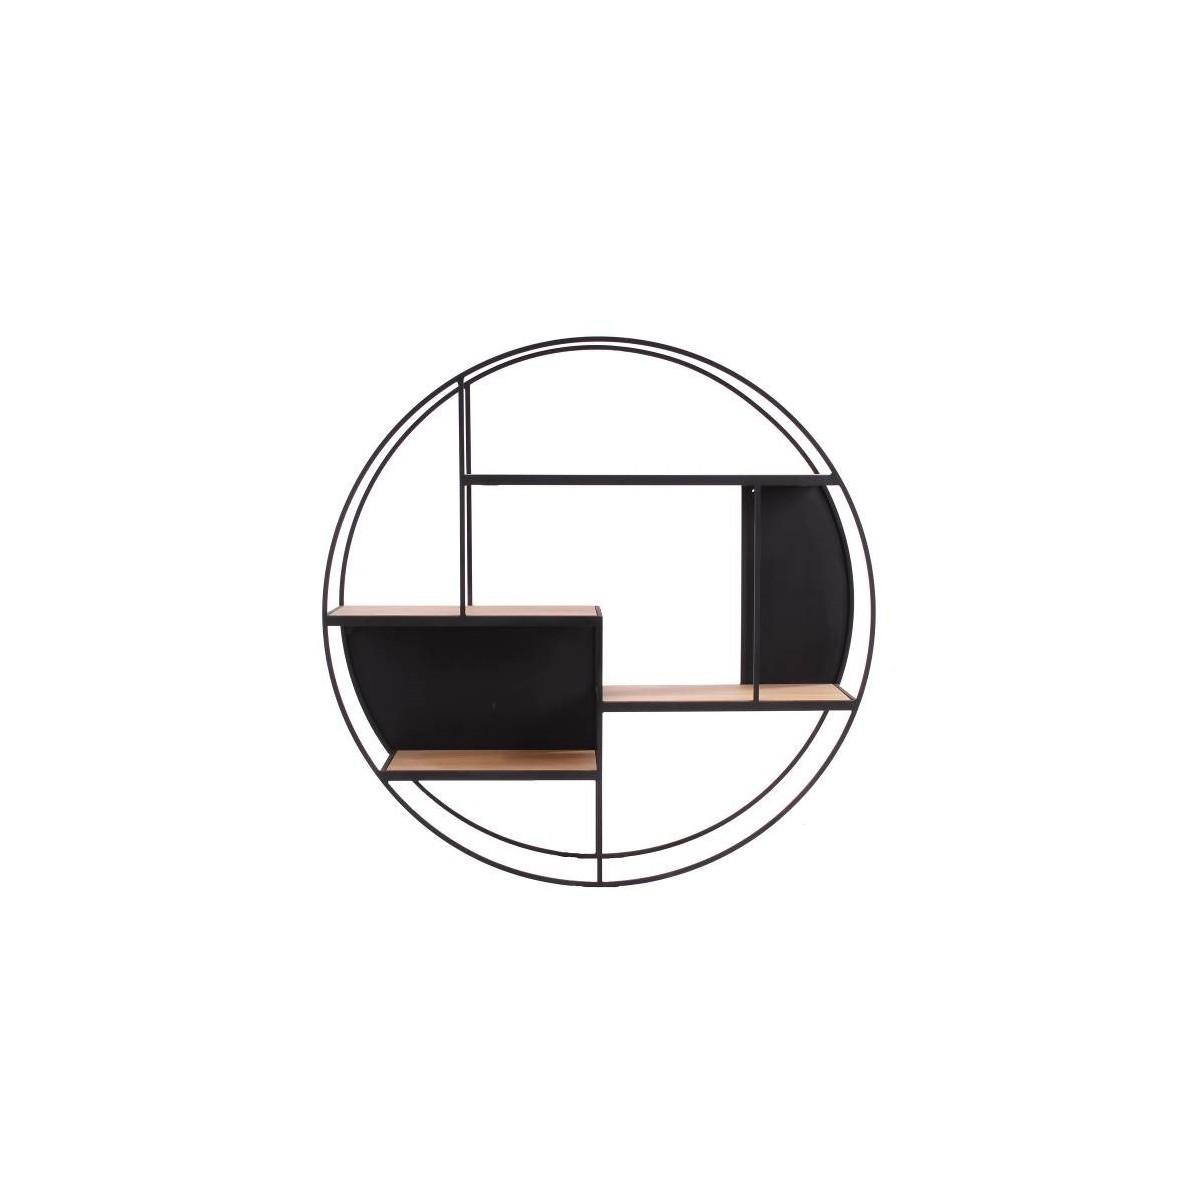 Etagère Rubic 110 cm en Métal noir et Chêne Naturel